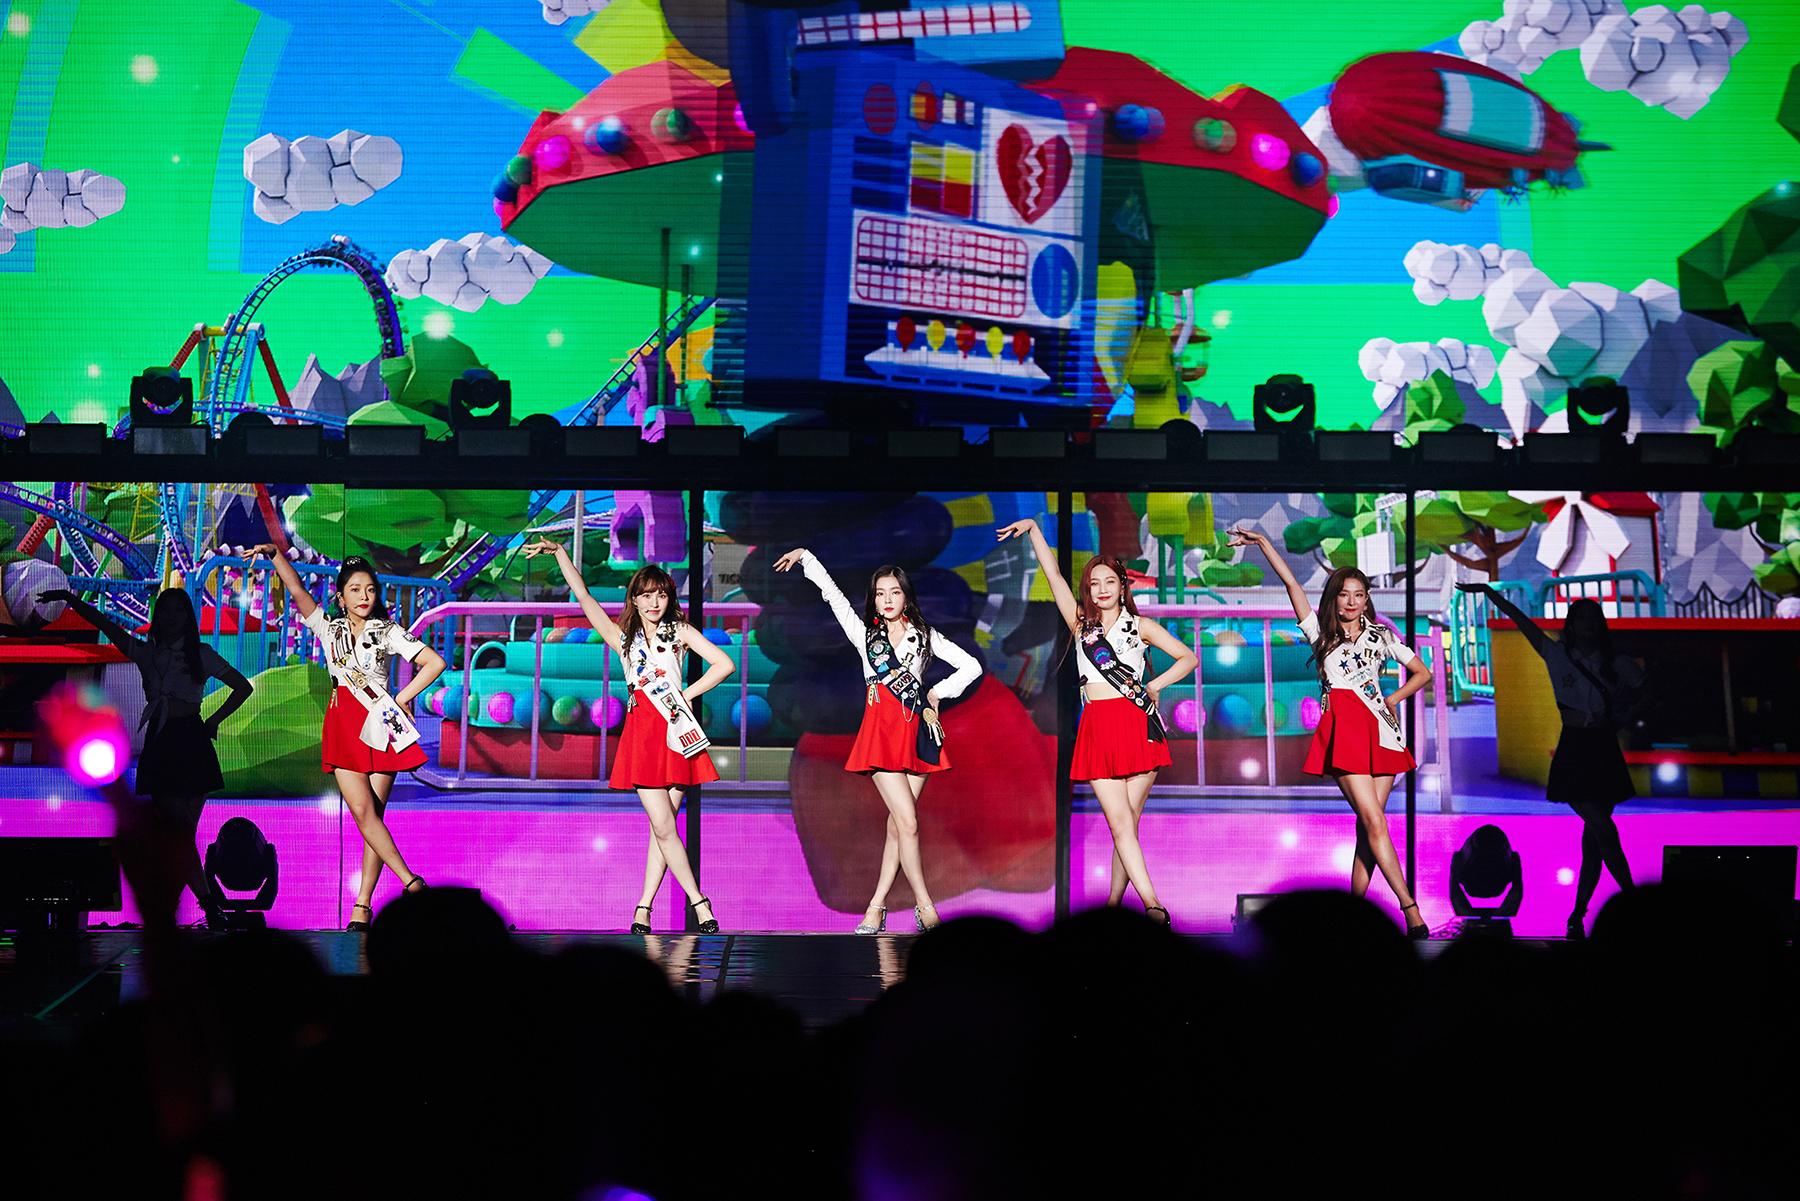 레드벨벳 두 번째 단독 콘서트 이미지 1.jpg